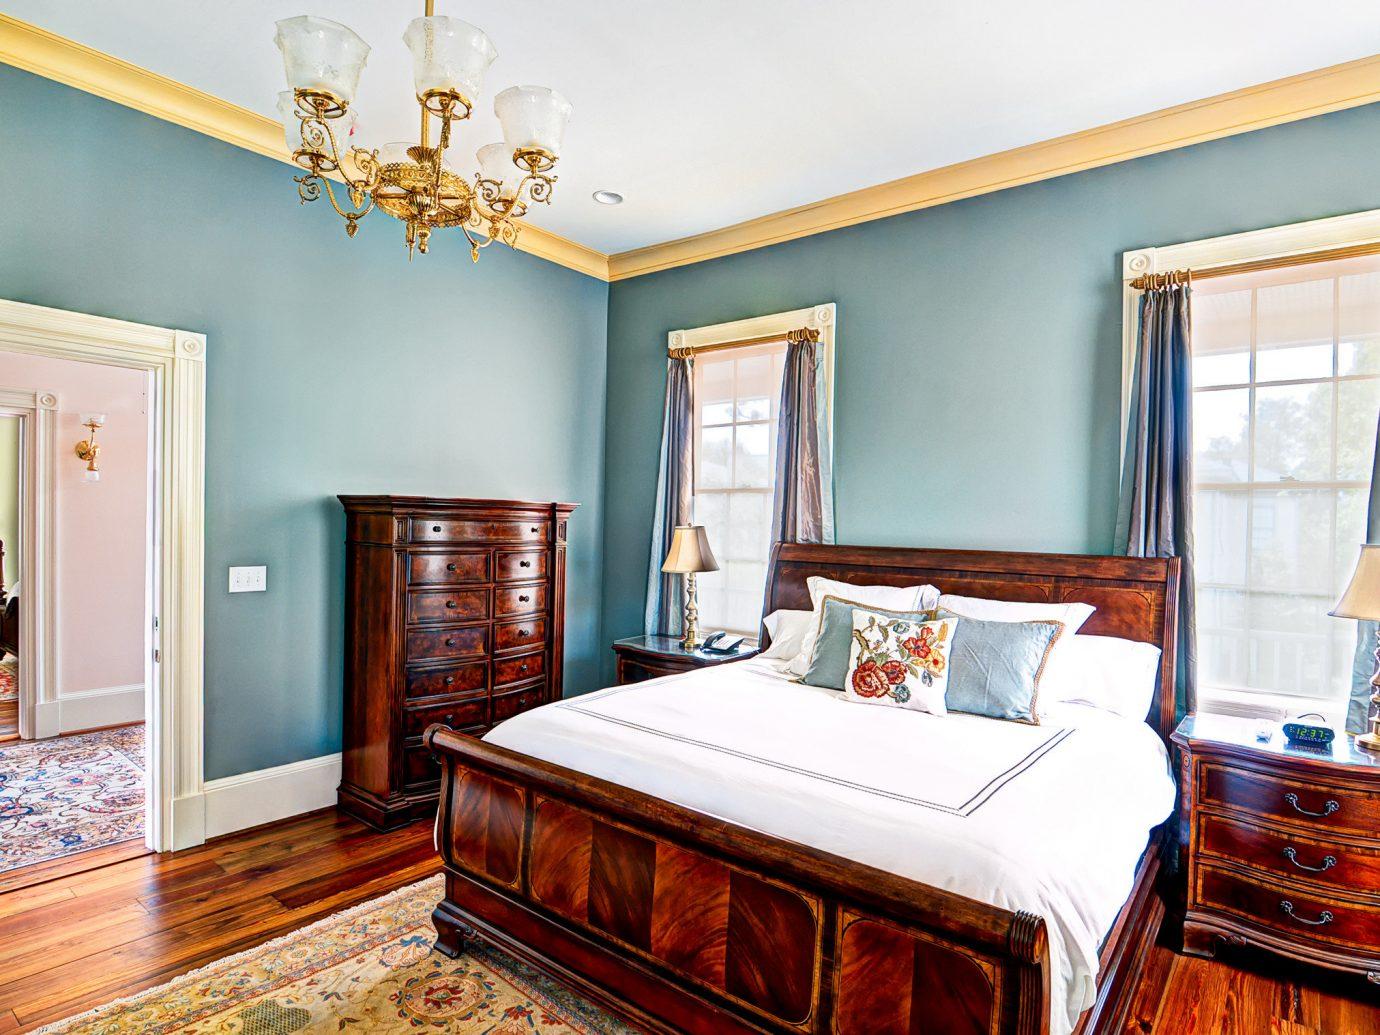 Trip Ideas indoor wall floor window room Bedroom property bed estate home living room real estate hardwood interior design cottage Suite mansion Villa furniture